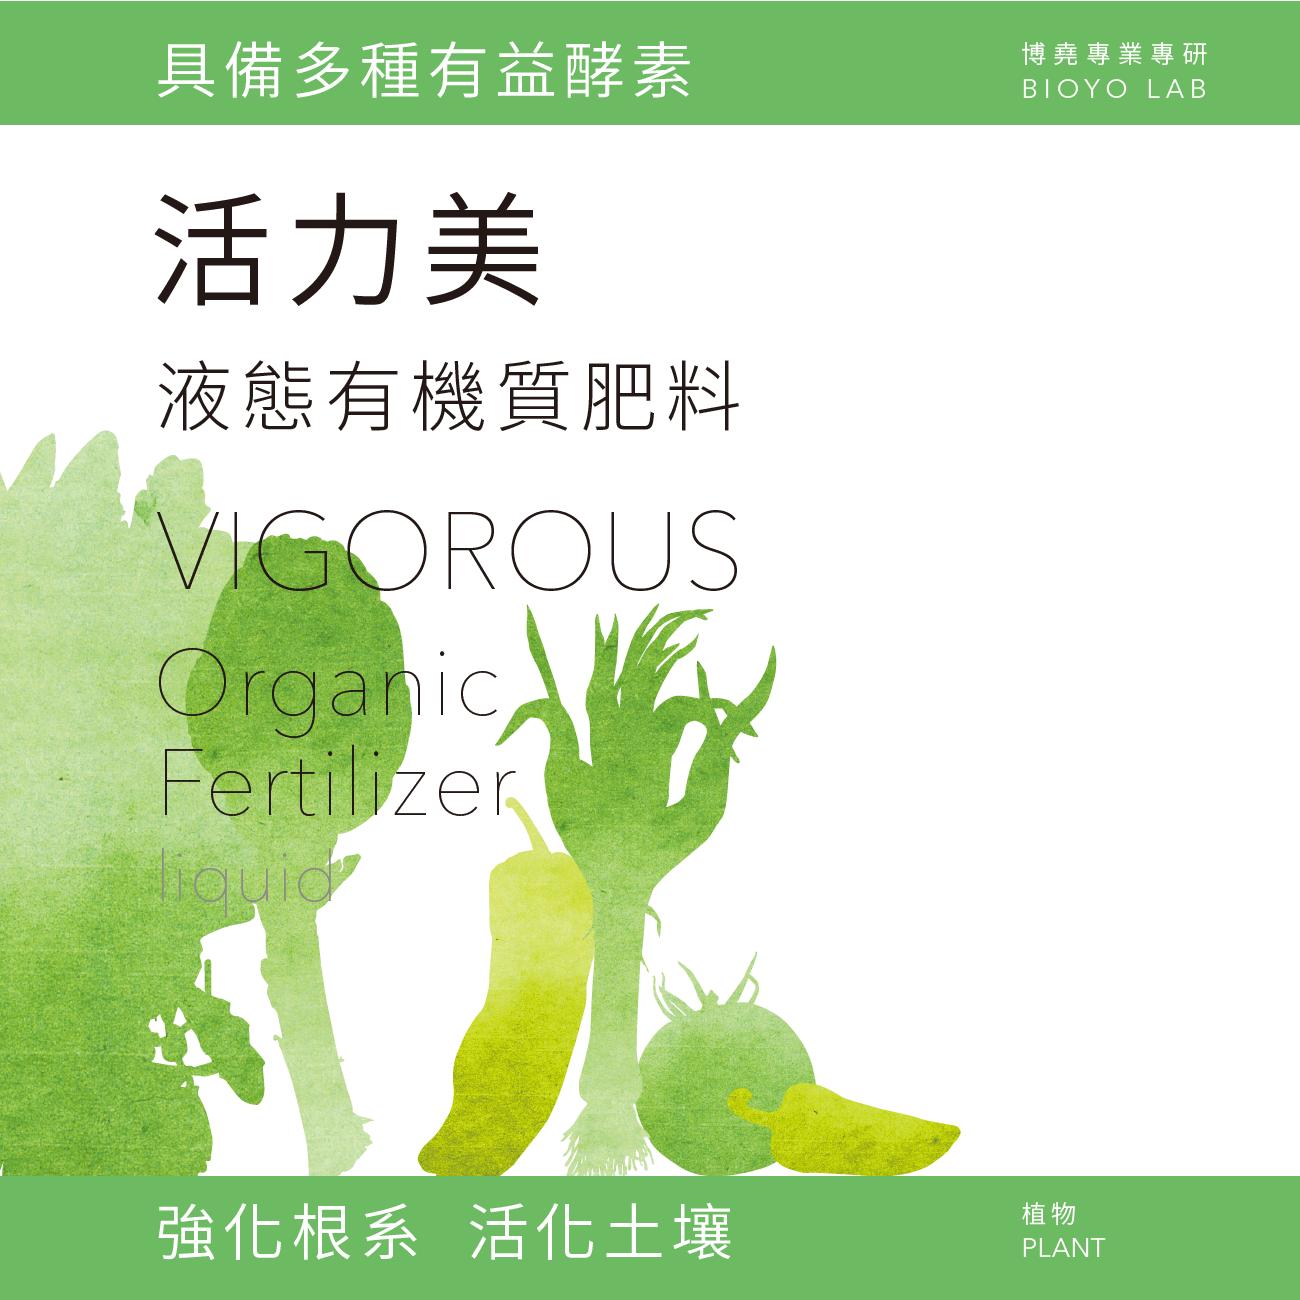 活力美-植物-液態有機質肥料 - 博堯生物科技股份有限公司 BIOYO BIOTECH